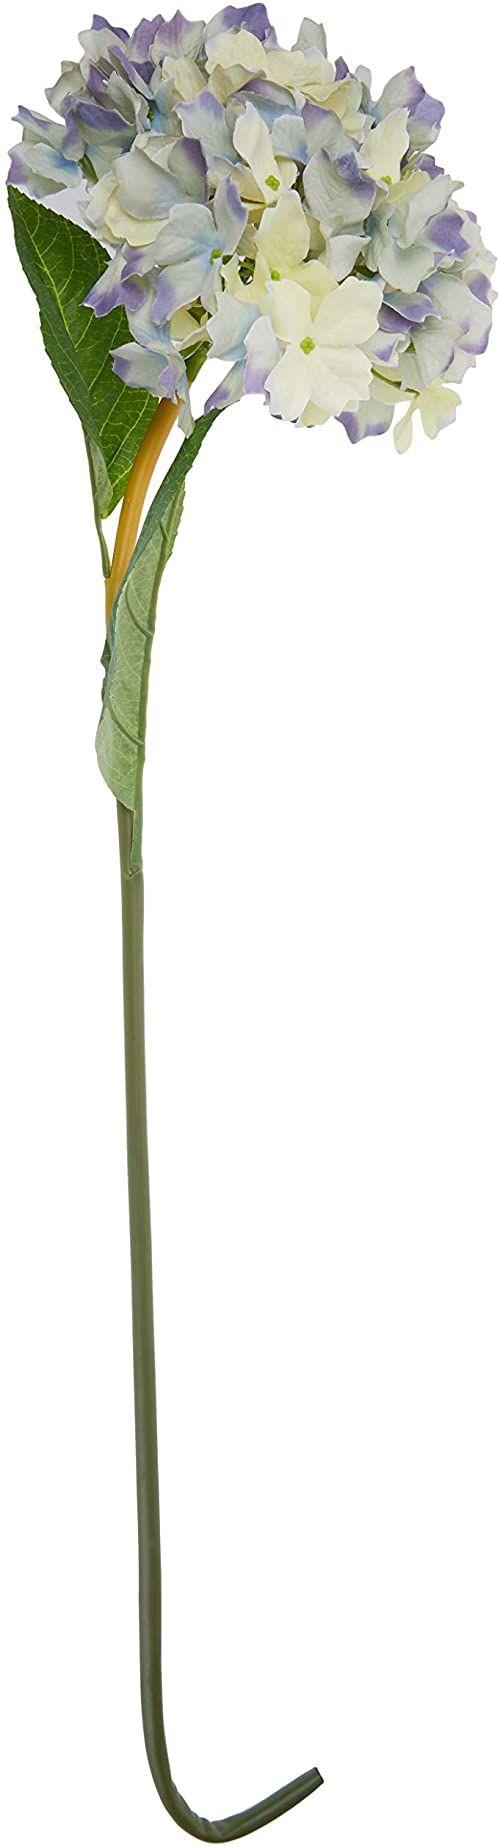 Better & Best Sztuczny kwiat hortensji 83x30x30 cm niebieski